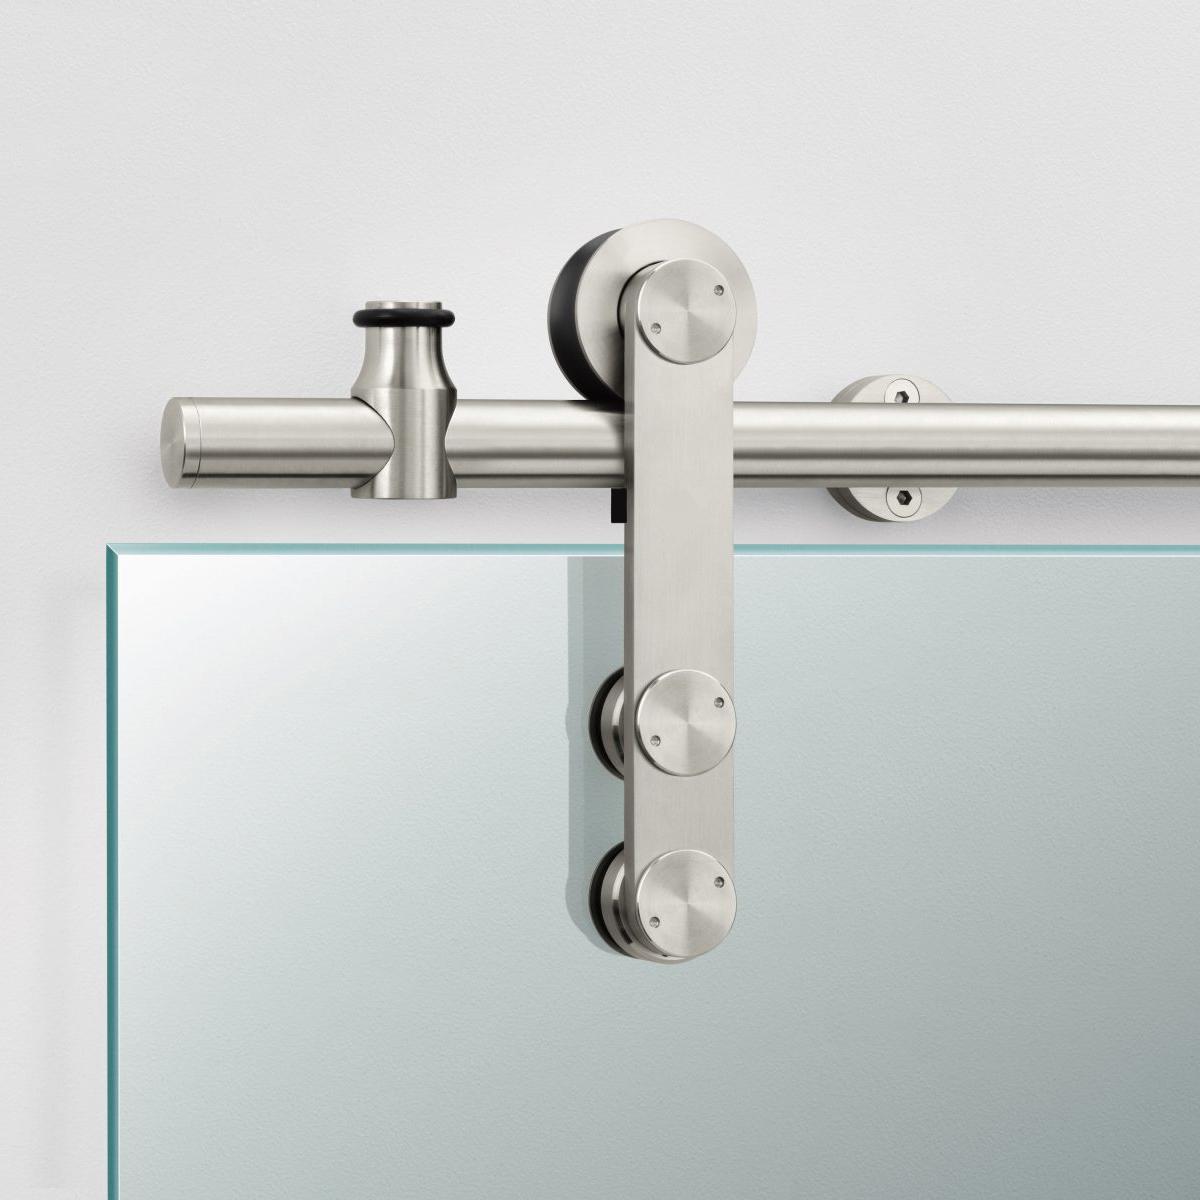 德國工藝不銹鋼滑輪寫字樓玻璃滑門吊輪02A帶防脫不銹鋼滑輪